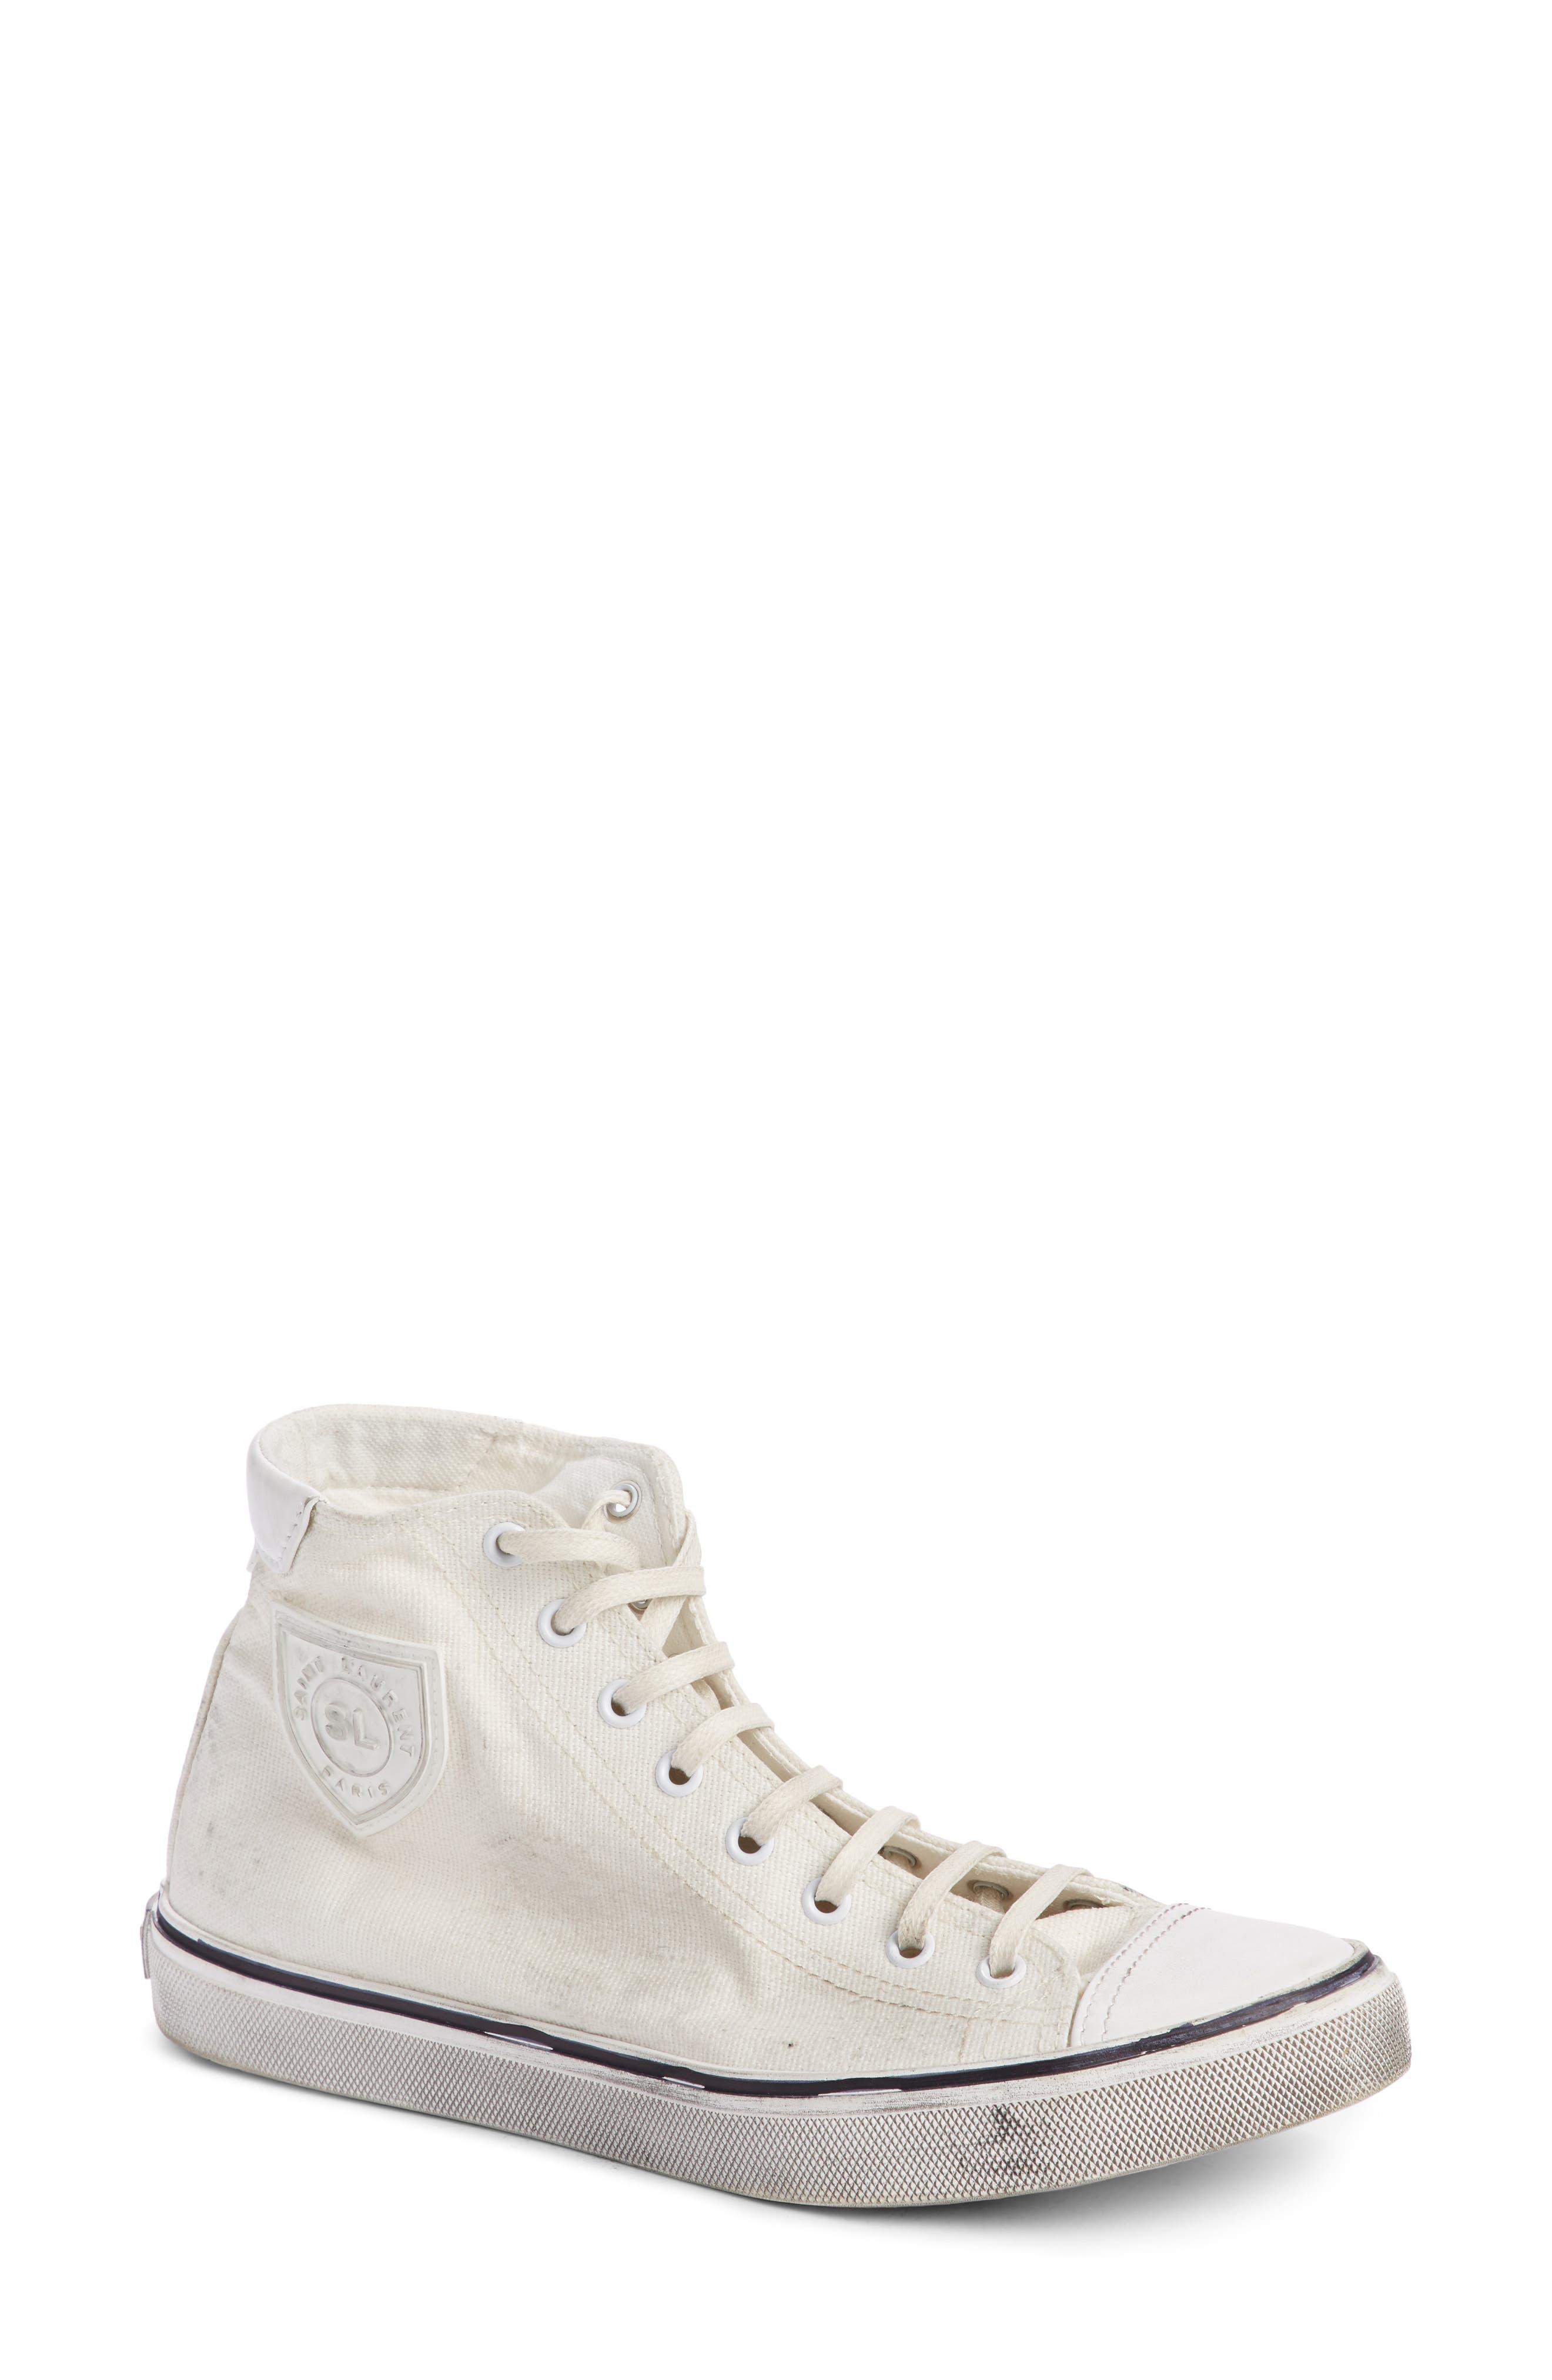 Saint Laurent Women's Bedford Distressed High Top Sneaker